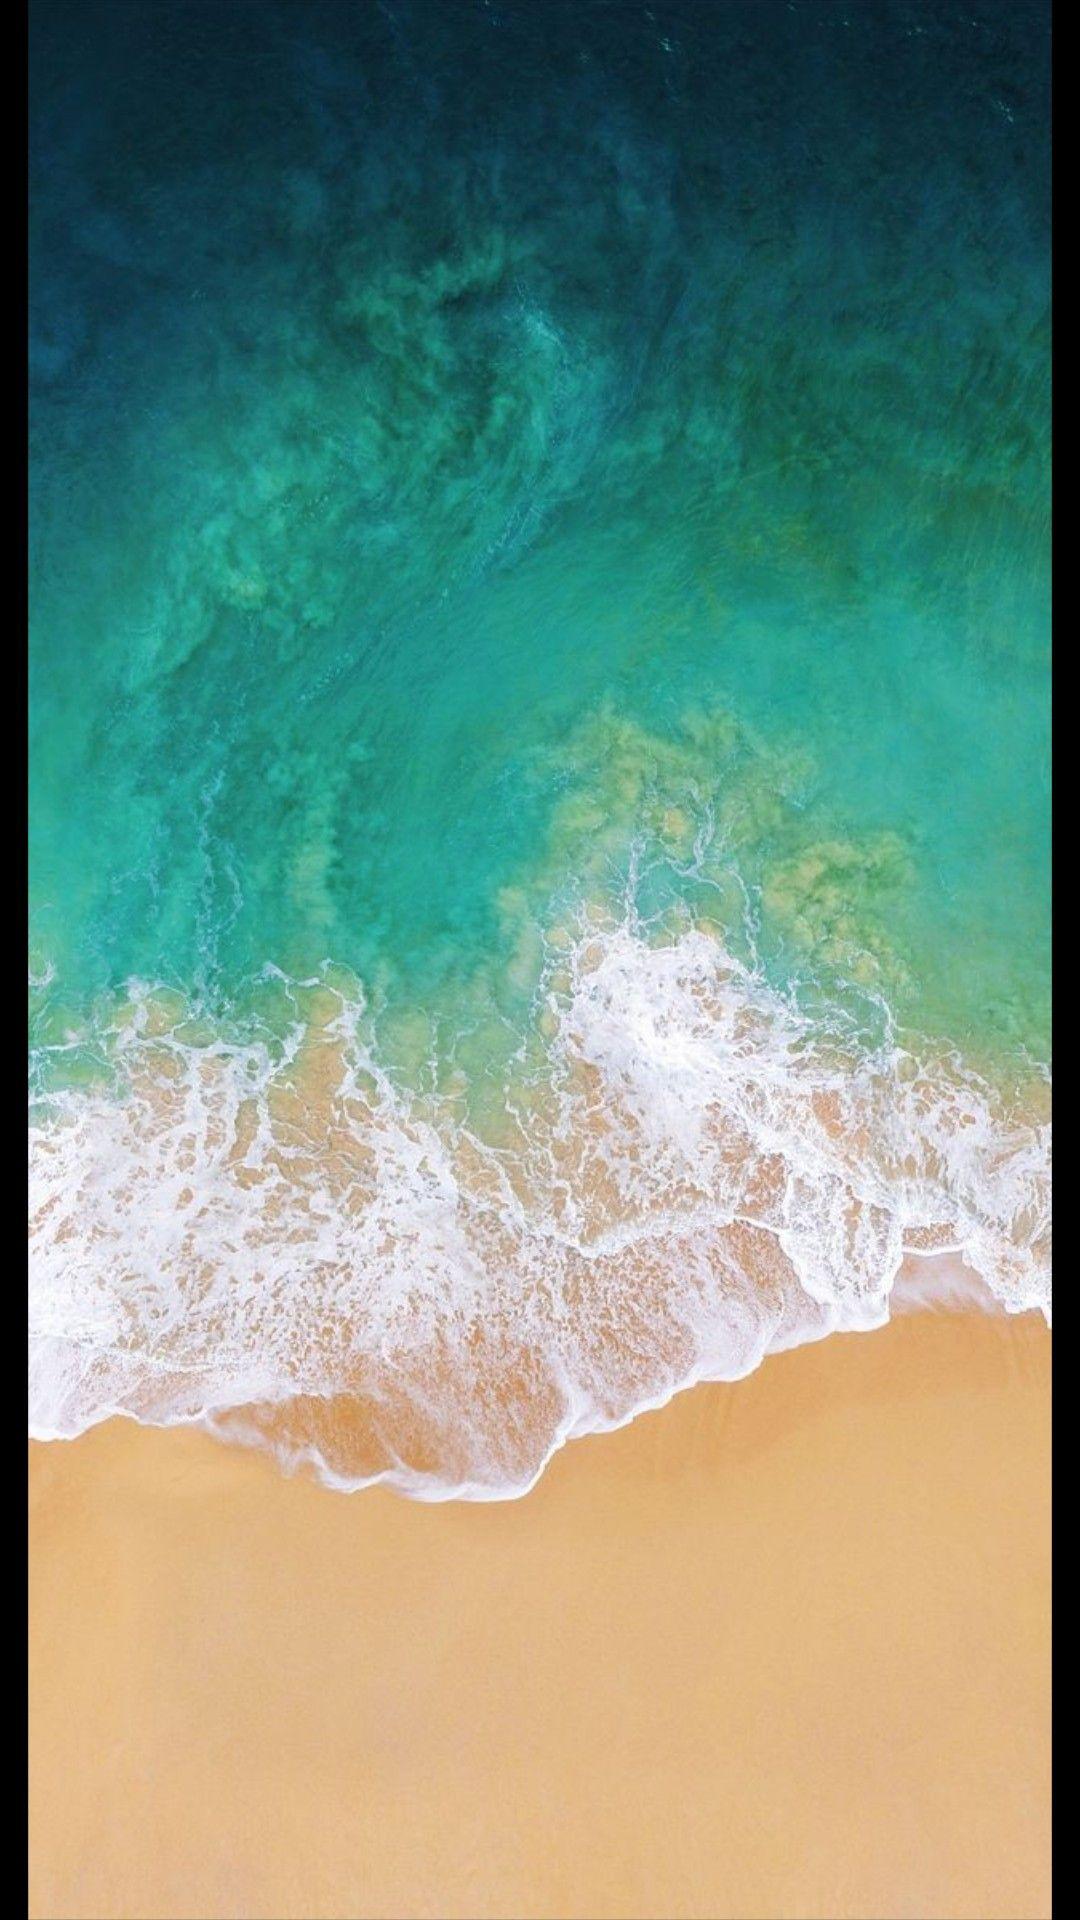 خلفيه ايفون🎇 | خلفيات in 2019 | Ios 11 wallpaper, Apple wallpaper, Iphone wallpaper ios